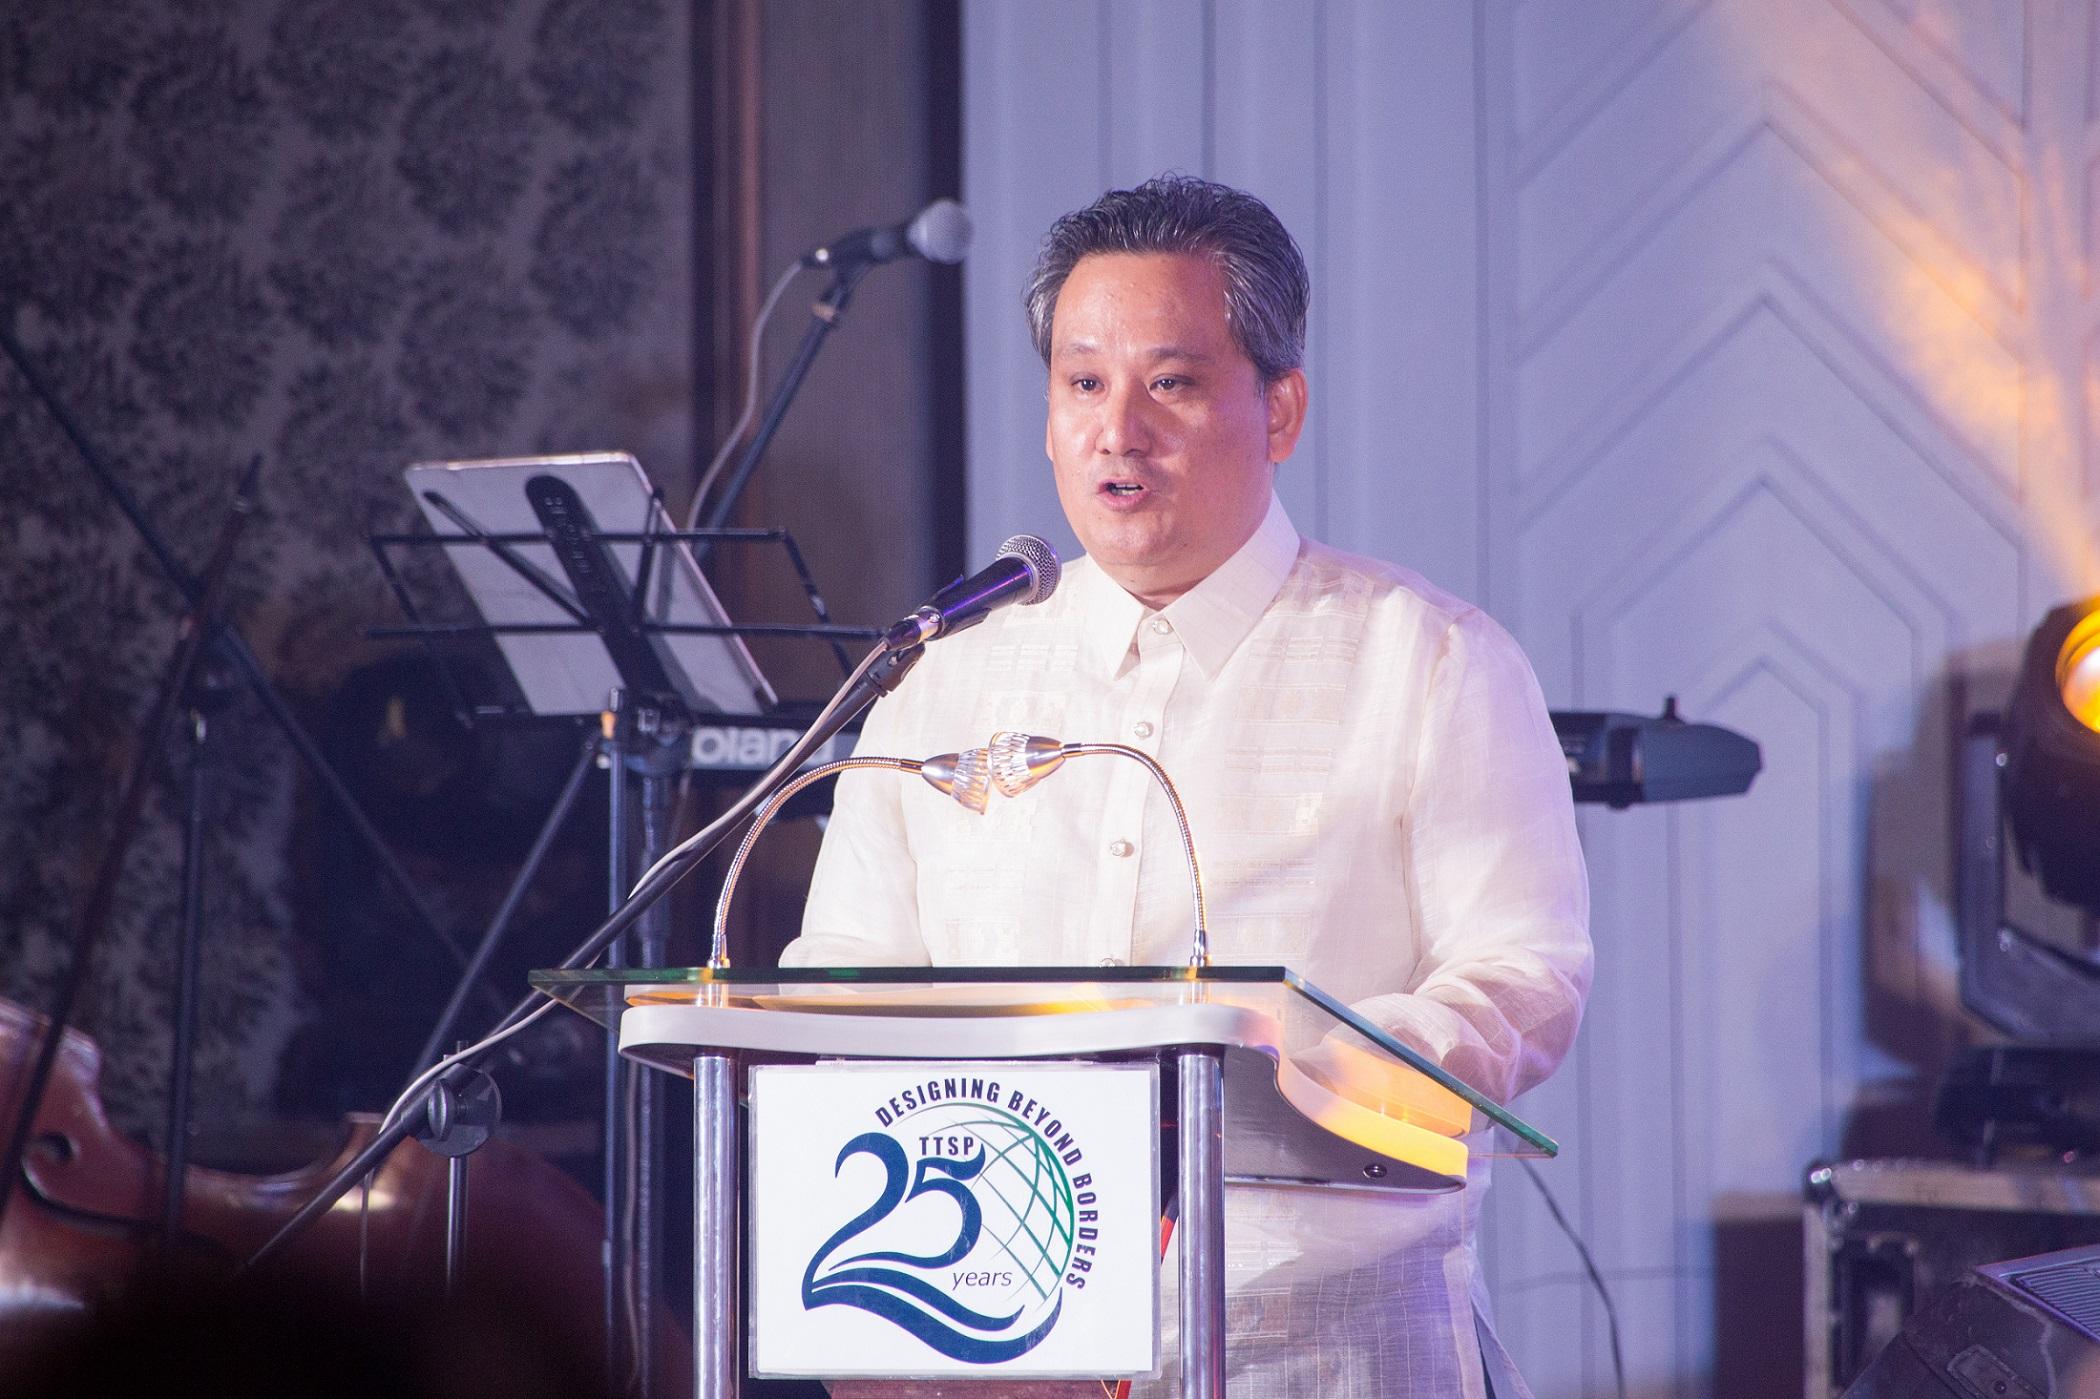 フィリピンの設計拠点 TSUNEISHI TECHNICAL SERVICES (PHILS.), Inc.が設立25周年の記念式典を開催